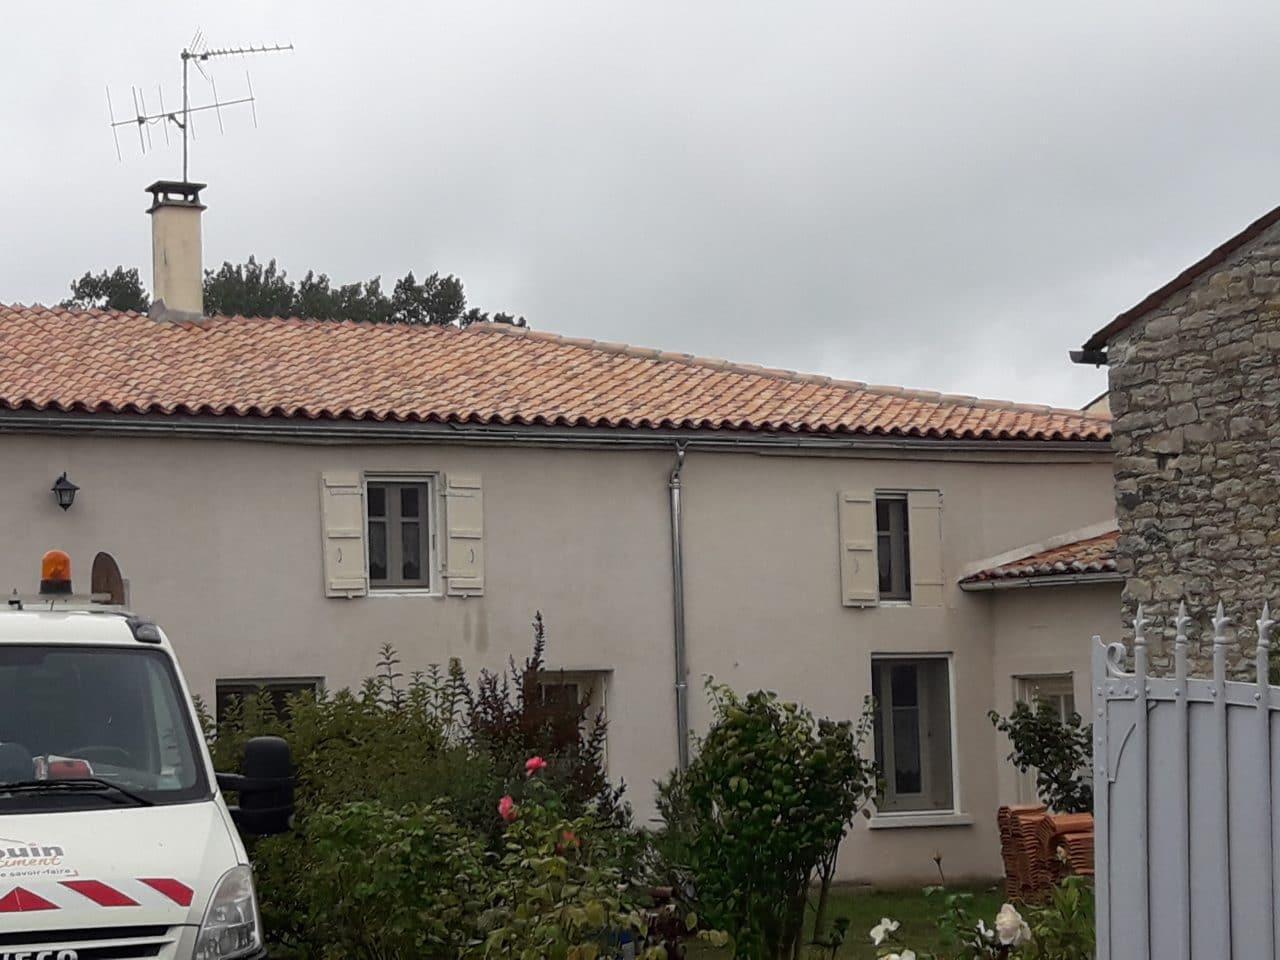 rénovation toiture toit maison gouttière zinc Saint-Hilaire-la-Palud